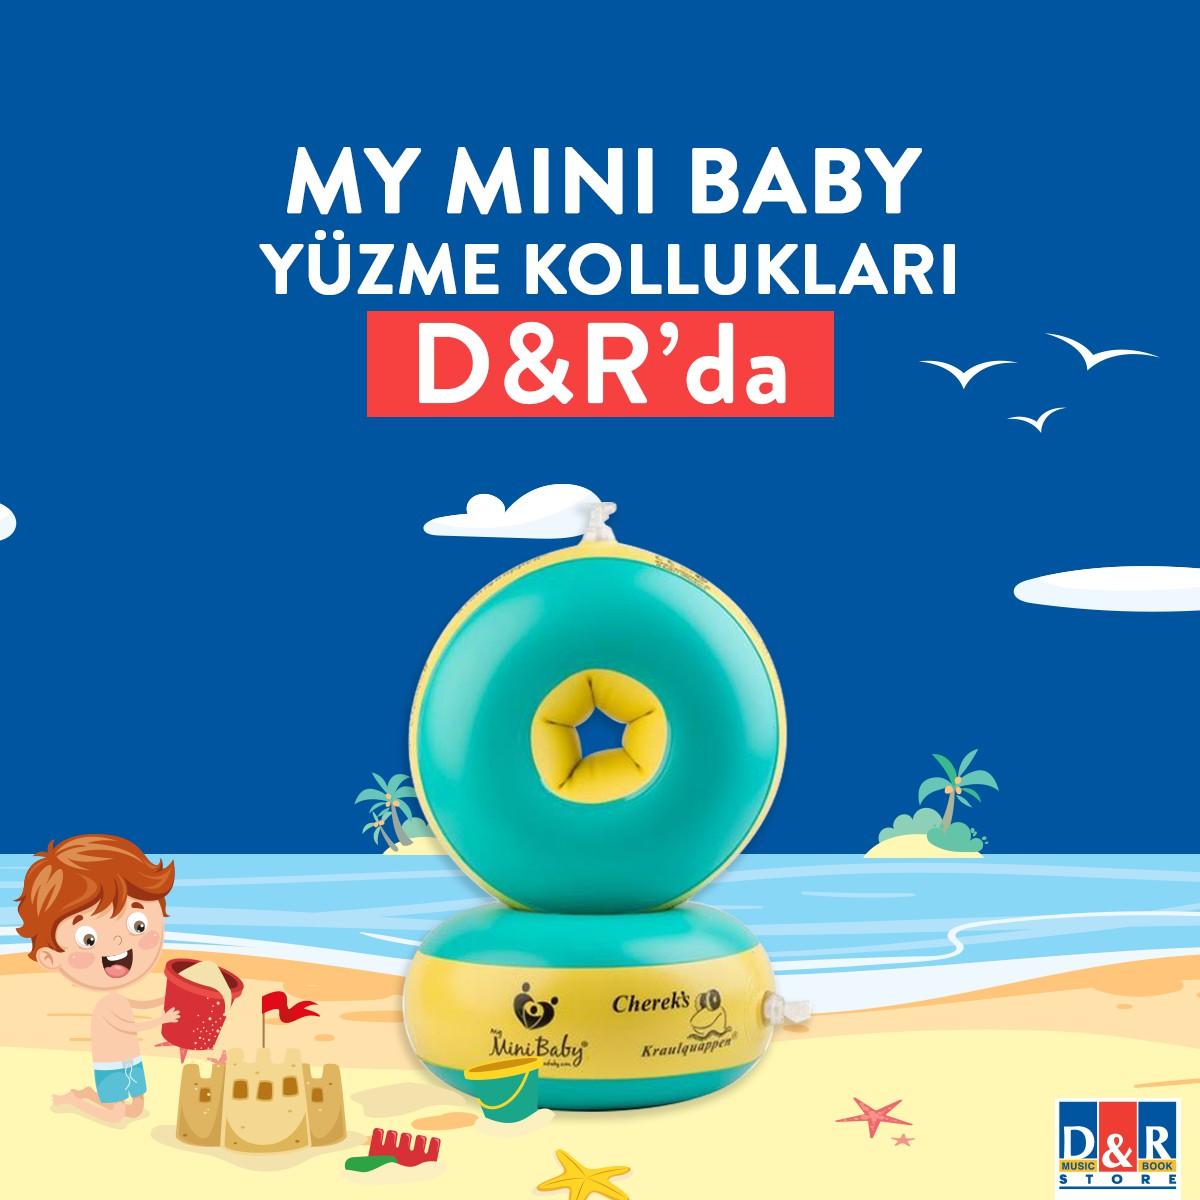 Denize girmeyi seven çocuklara müjde: My Mini Baby yüzme kollukları D&R'da!